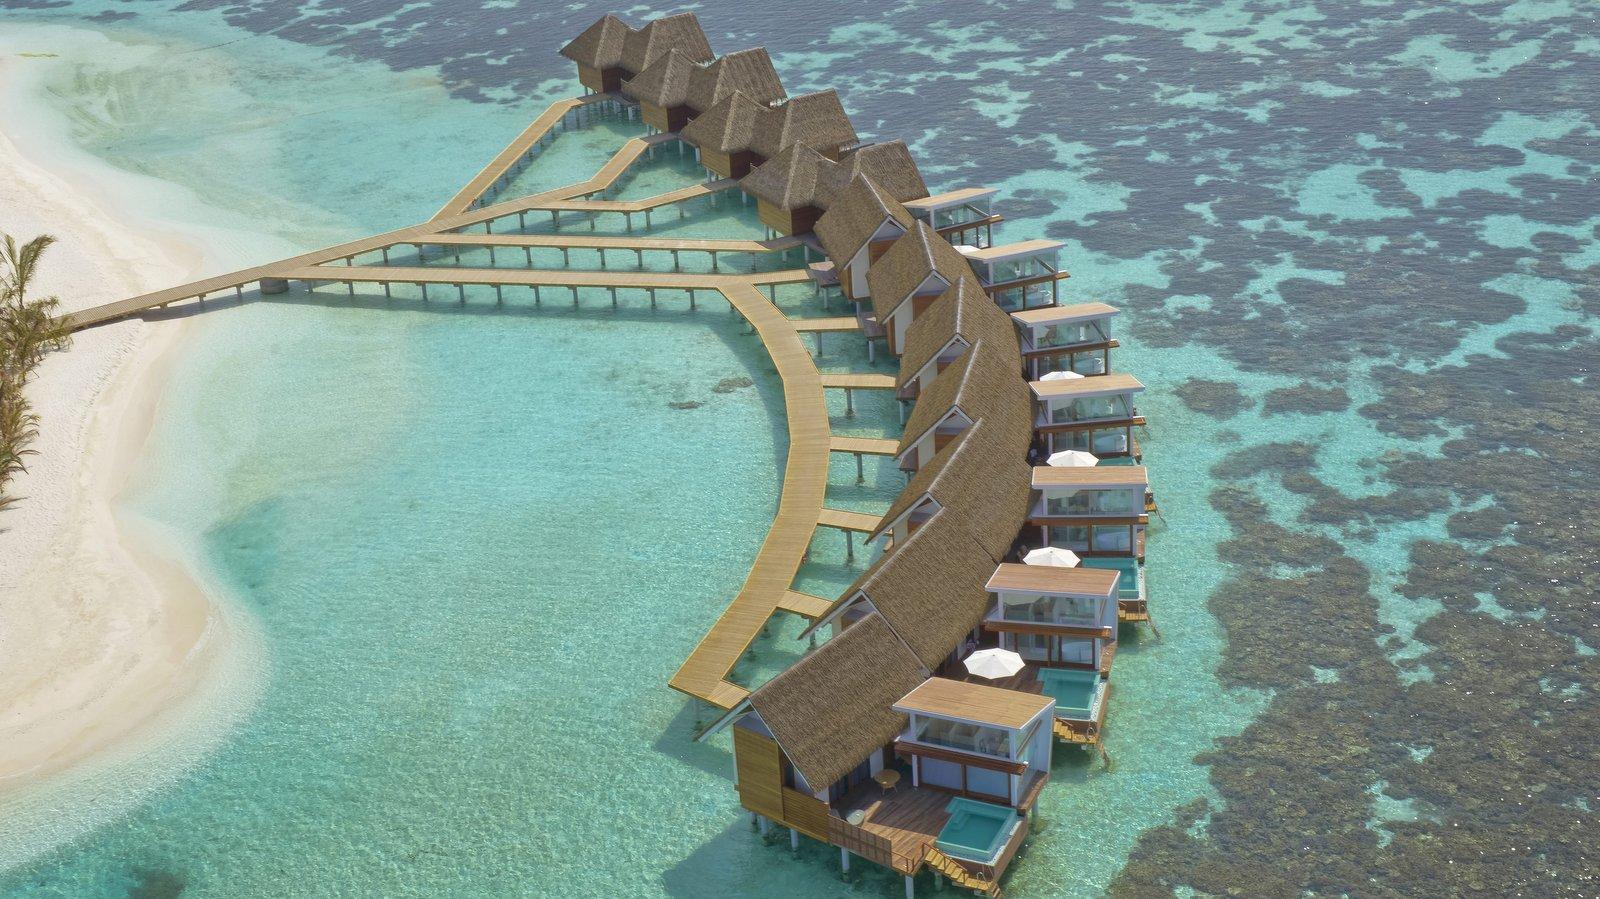 Мальдивы, отель Kandolhu Maldives, водные виллы